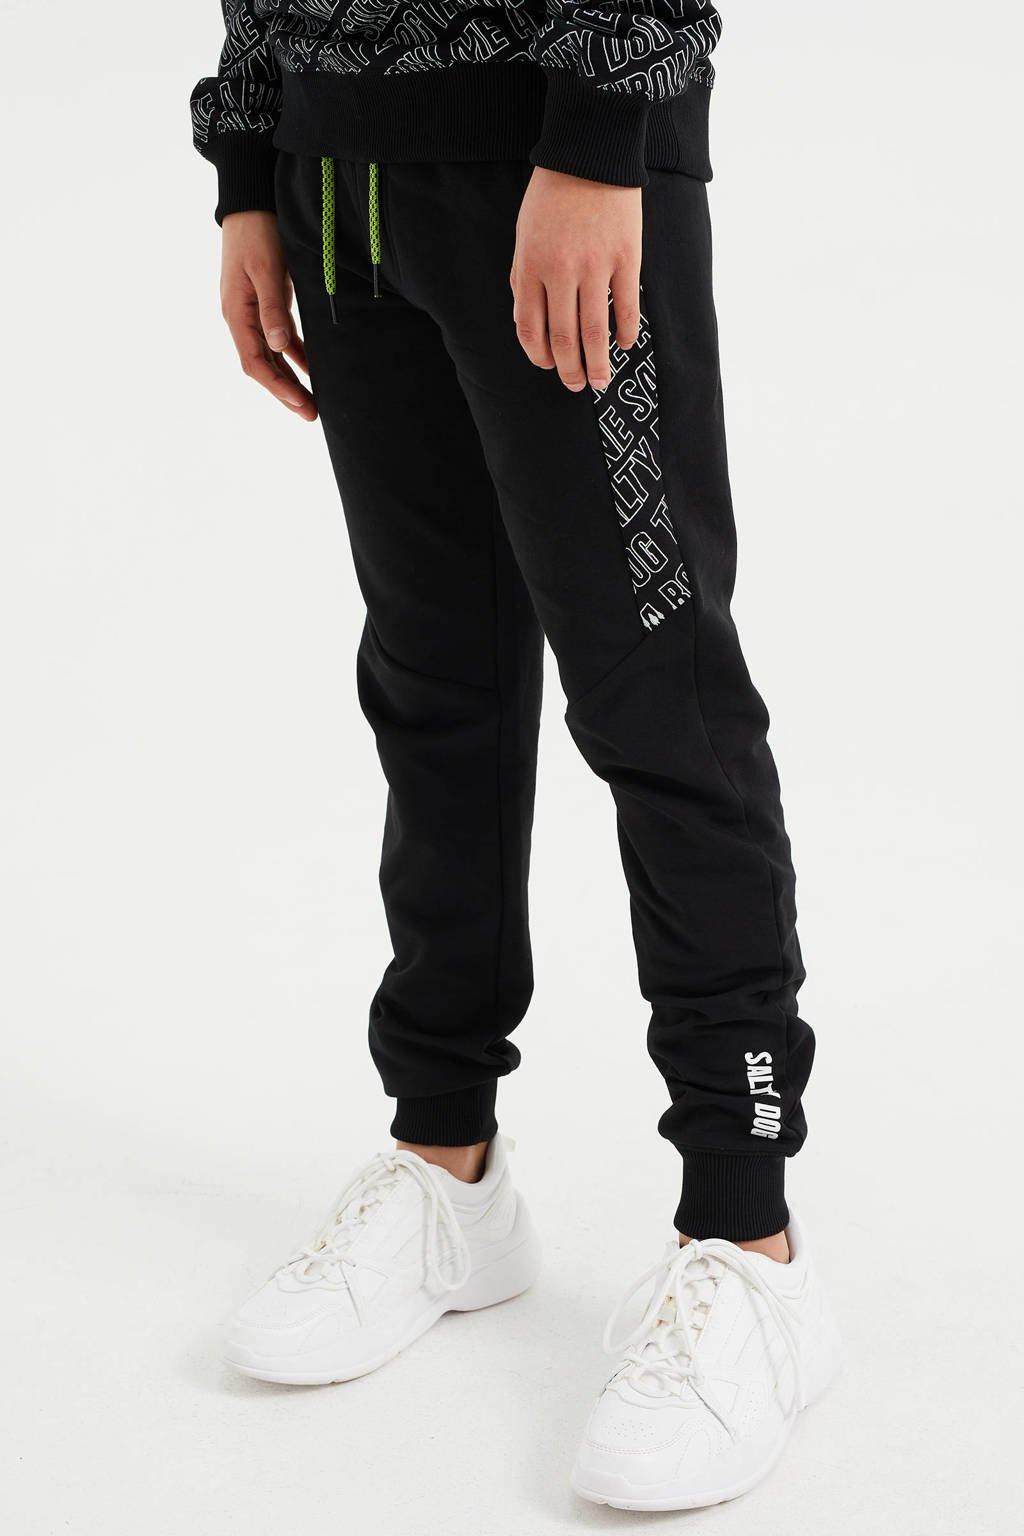 WE Fashion Salty Dog   sportbroek zwart, Zwart